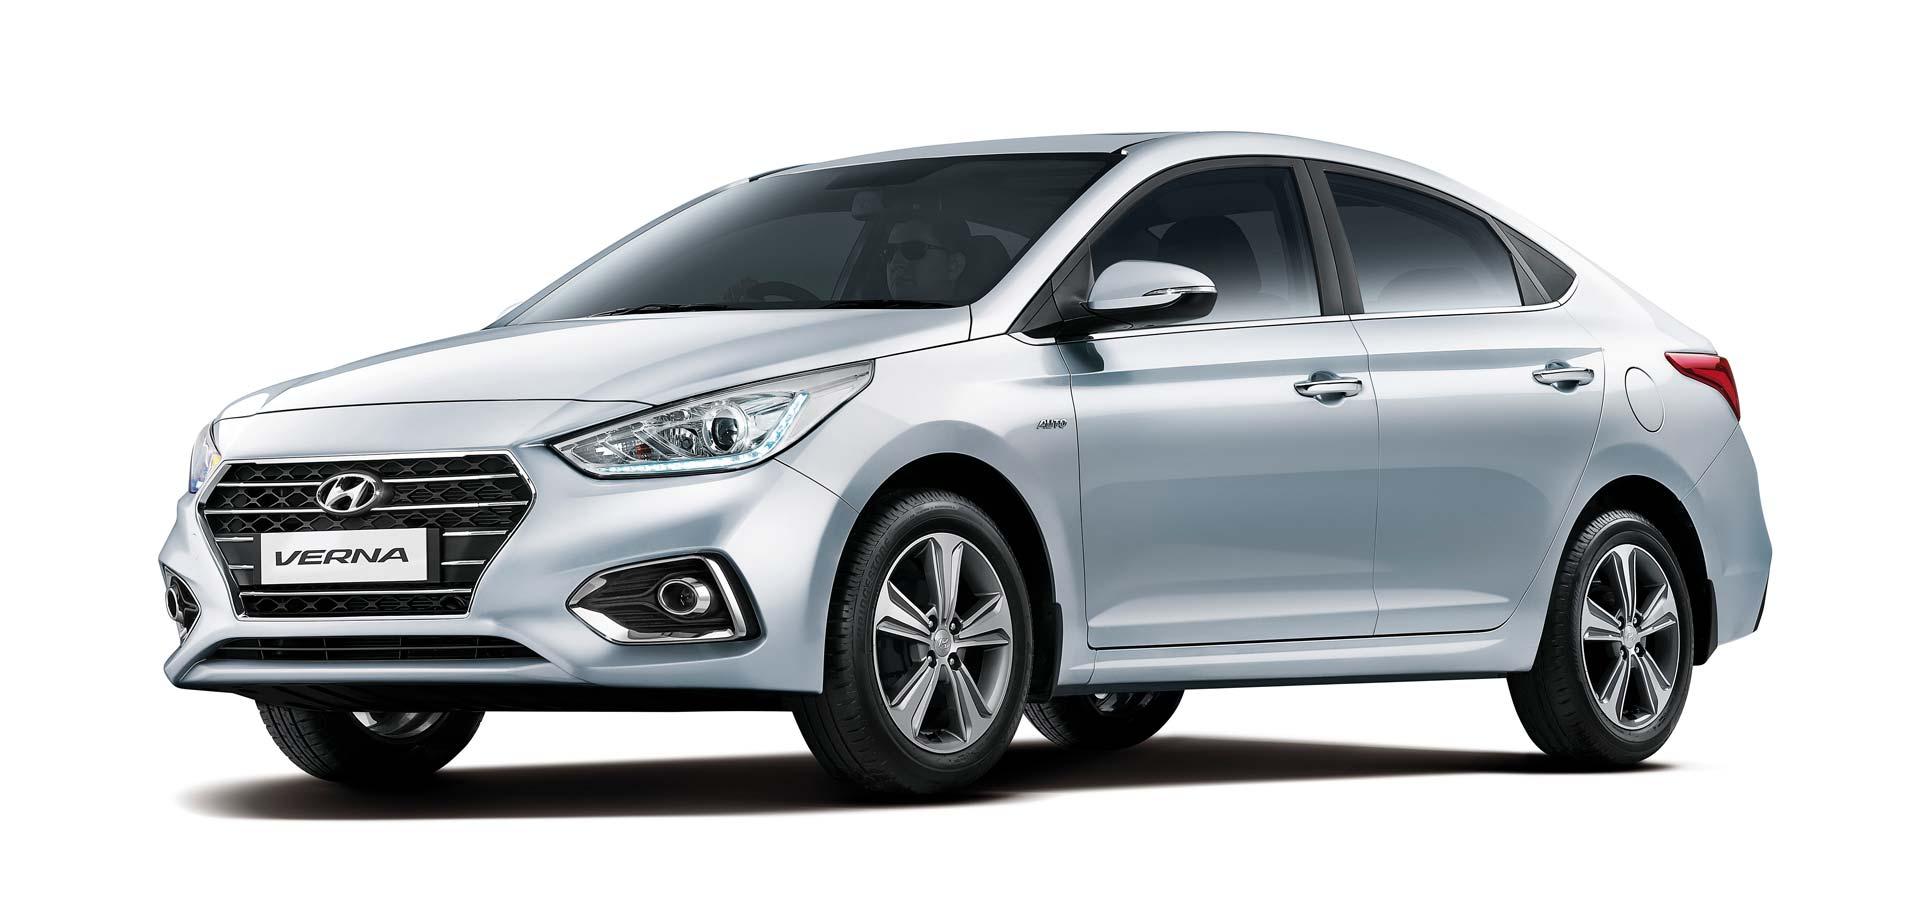 2017-Hyundai-Verna-facelift